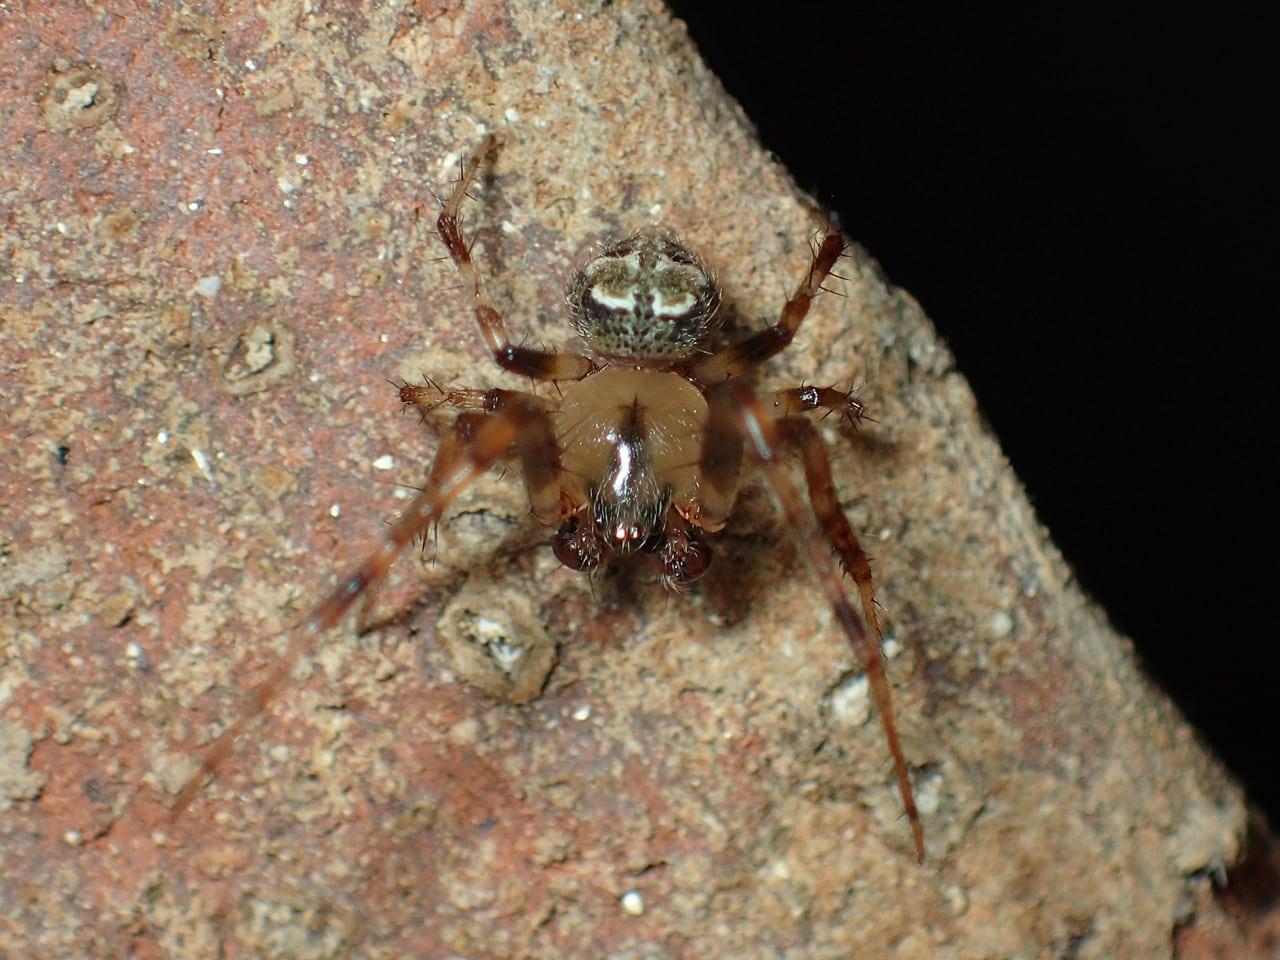 Picture of Araneus pegnia - Male - Dorsal